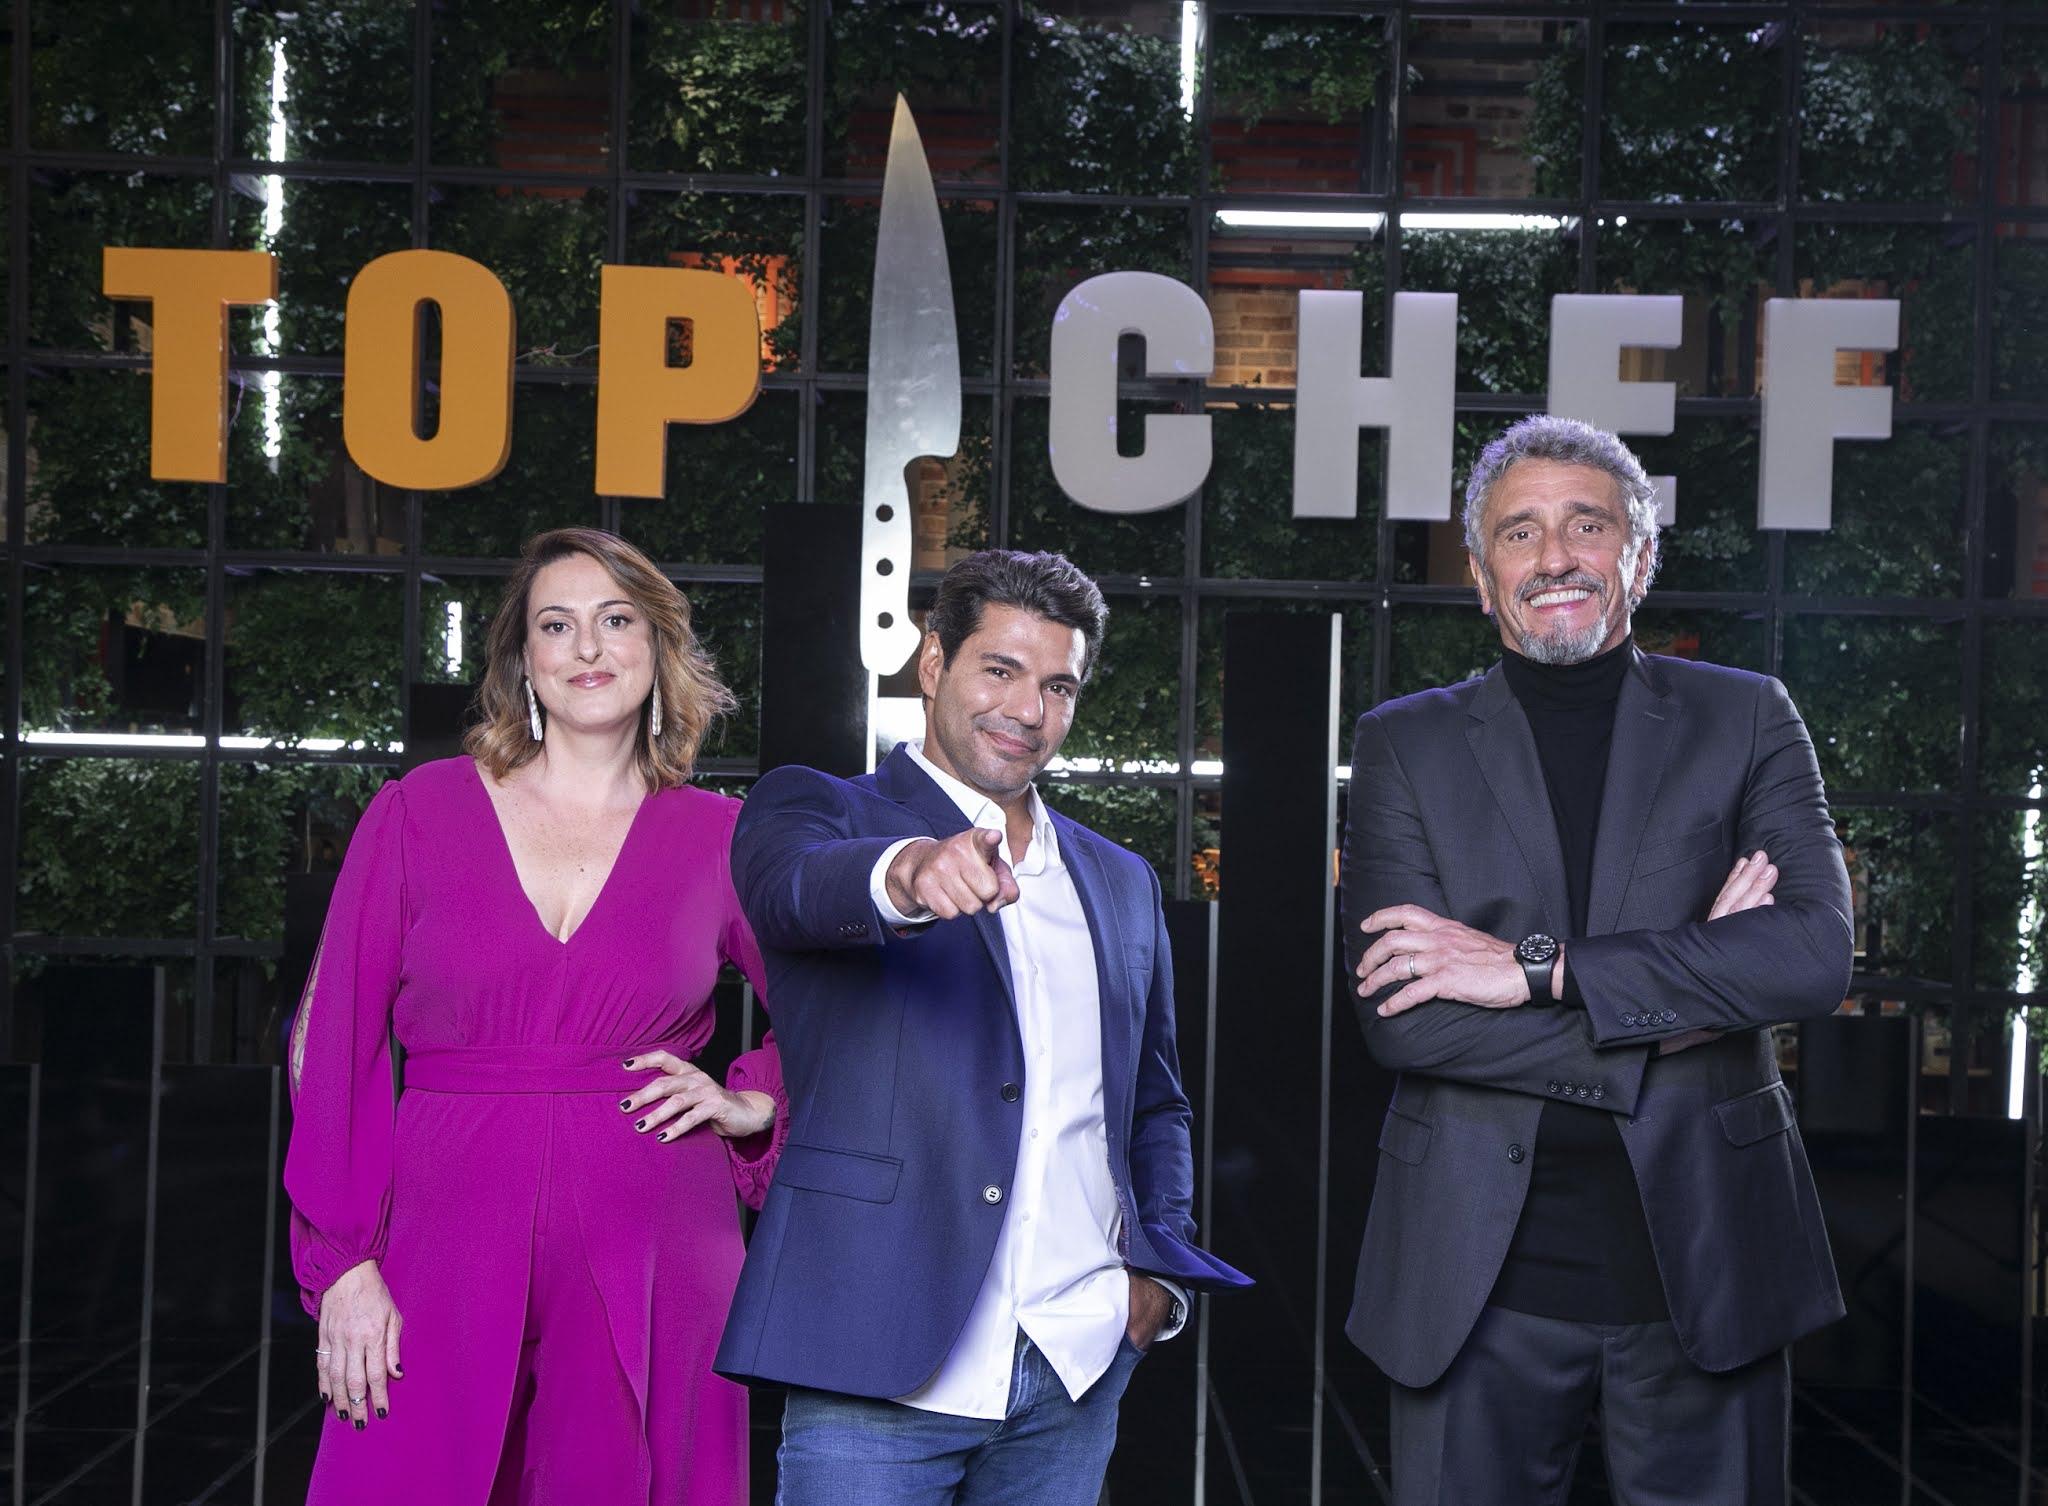 Conheça os oito primeiros participantes confirmados no reality show 'Top Chef'